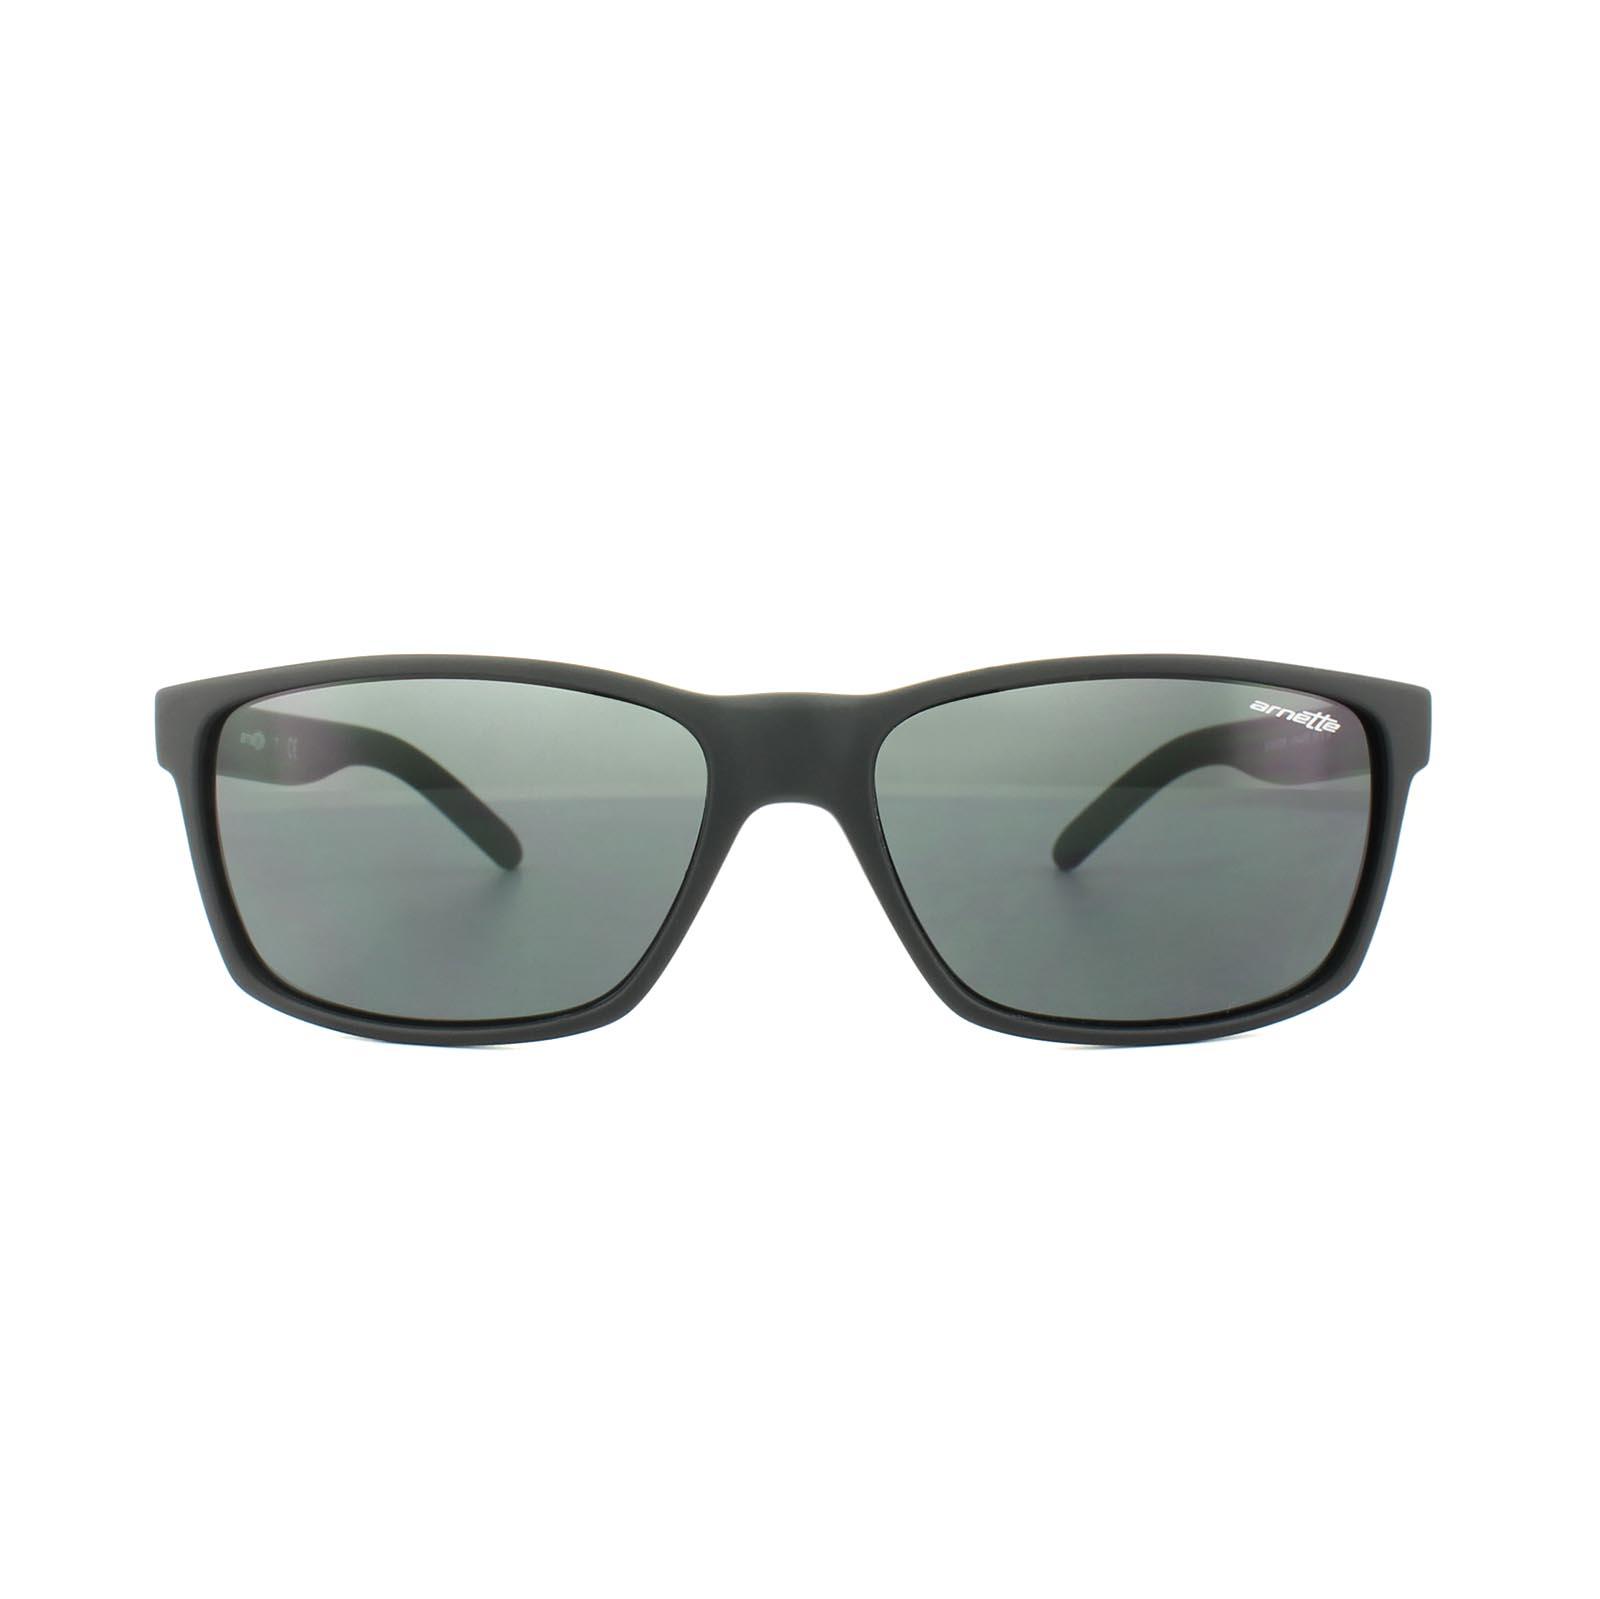 5517eae1c5f Arnette Slickster 4185 Sunglasses Thumbnail 1 Arnette Slickster 4185  Sunglasses Thumbnail 2 ...